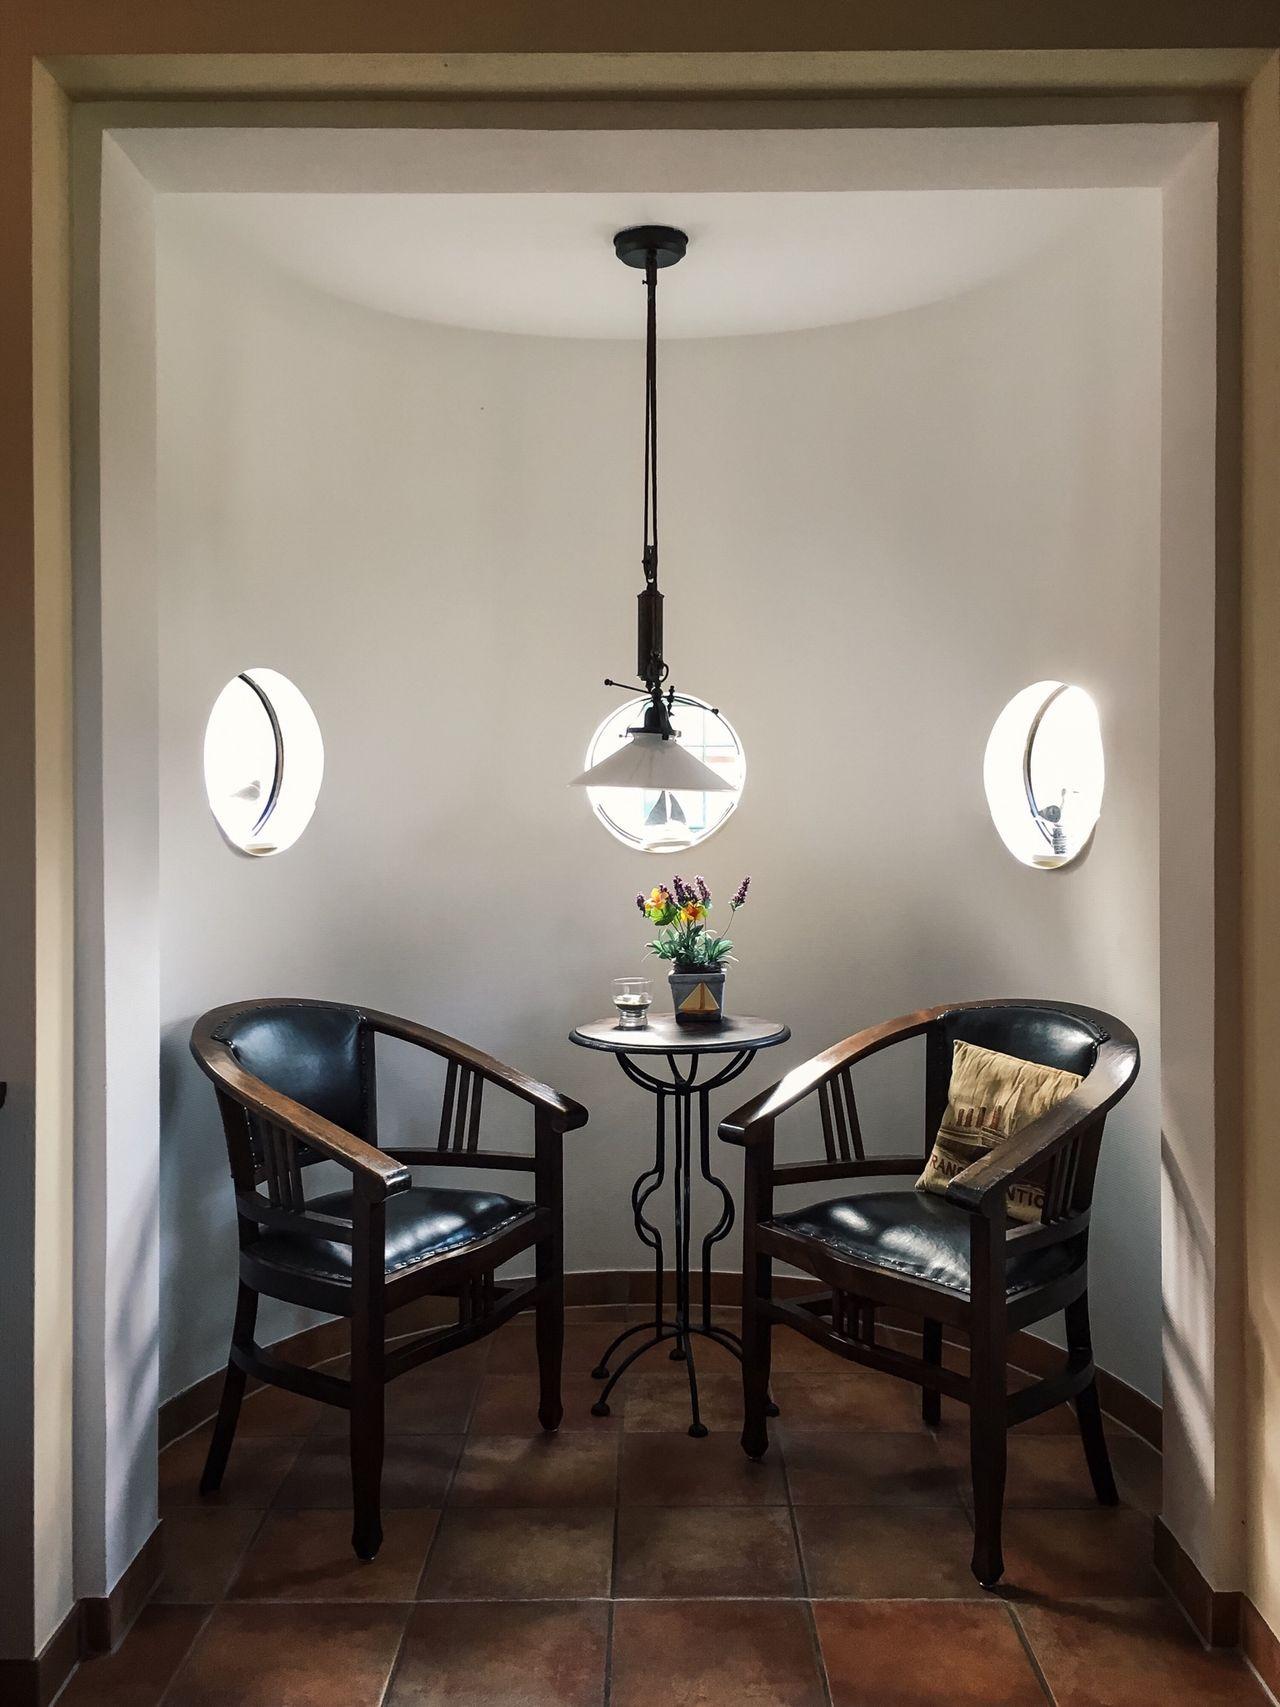 Things I Like Furnitures Symetry Interior Design Taking Photos Enjoying Life Relaxing